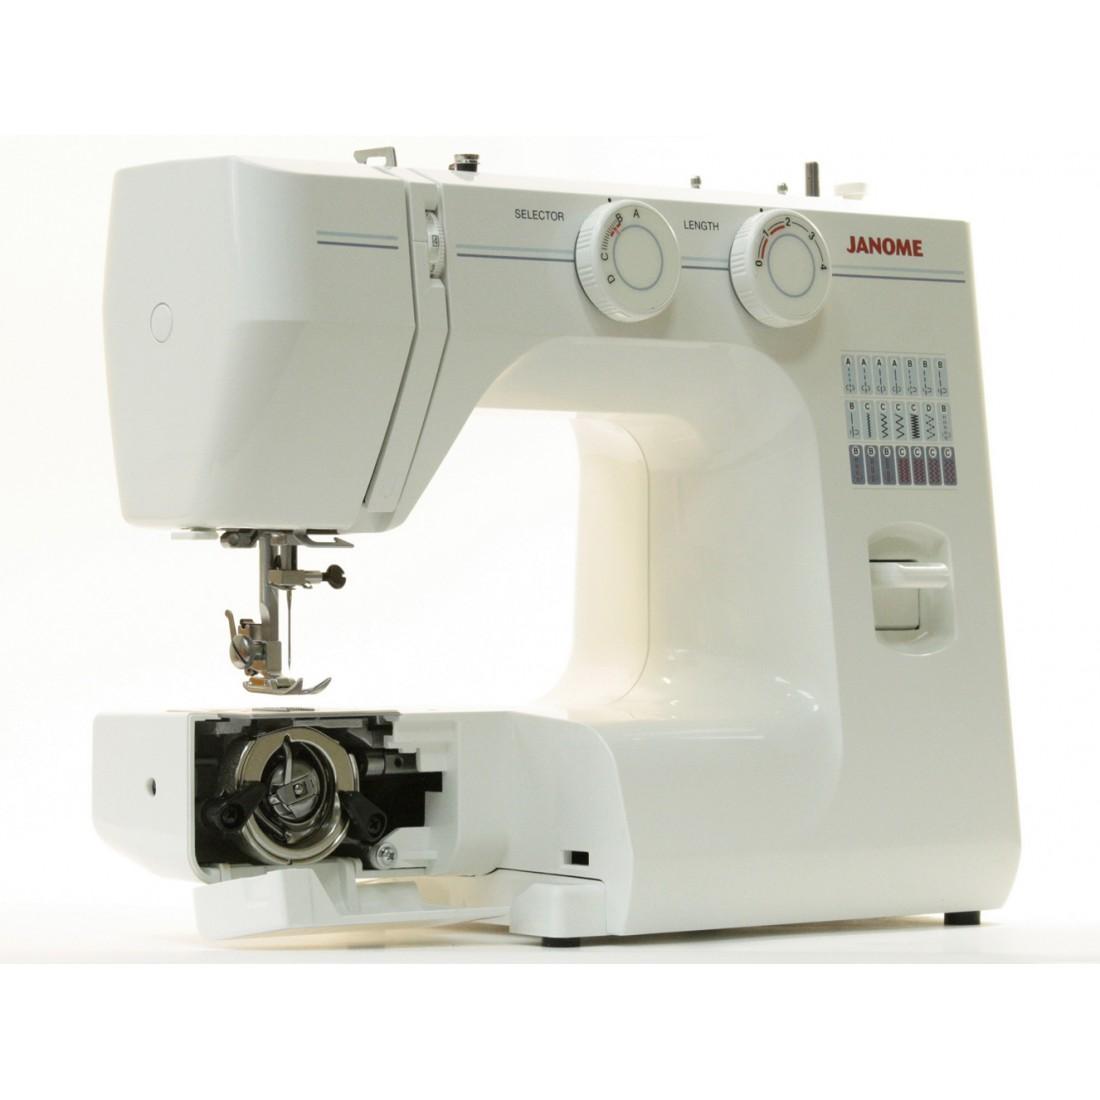 Регулировка швейной машинки джаноме своими руками 14